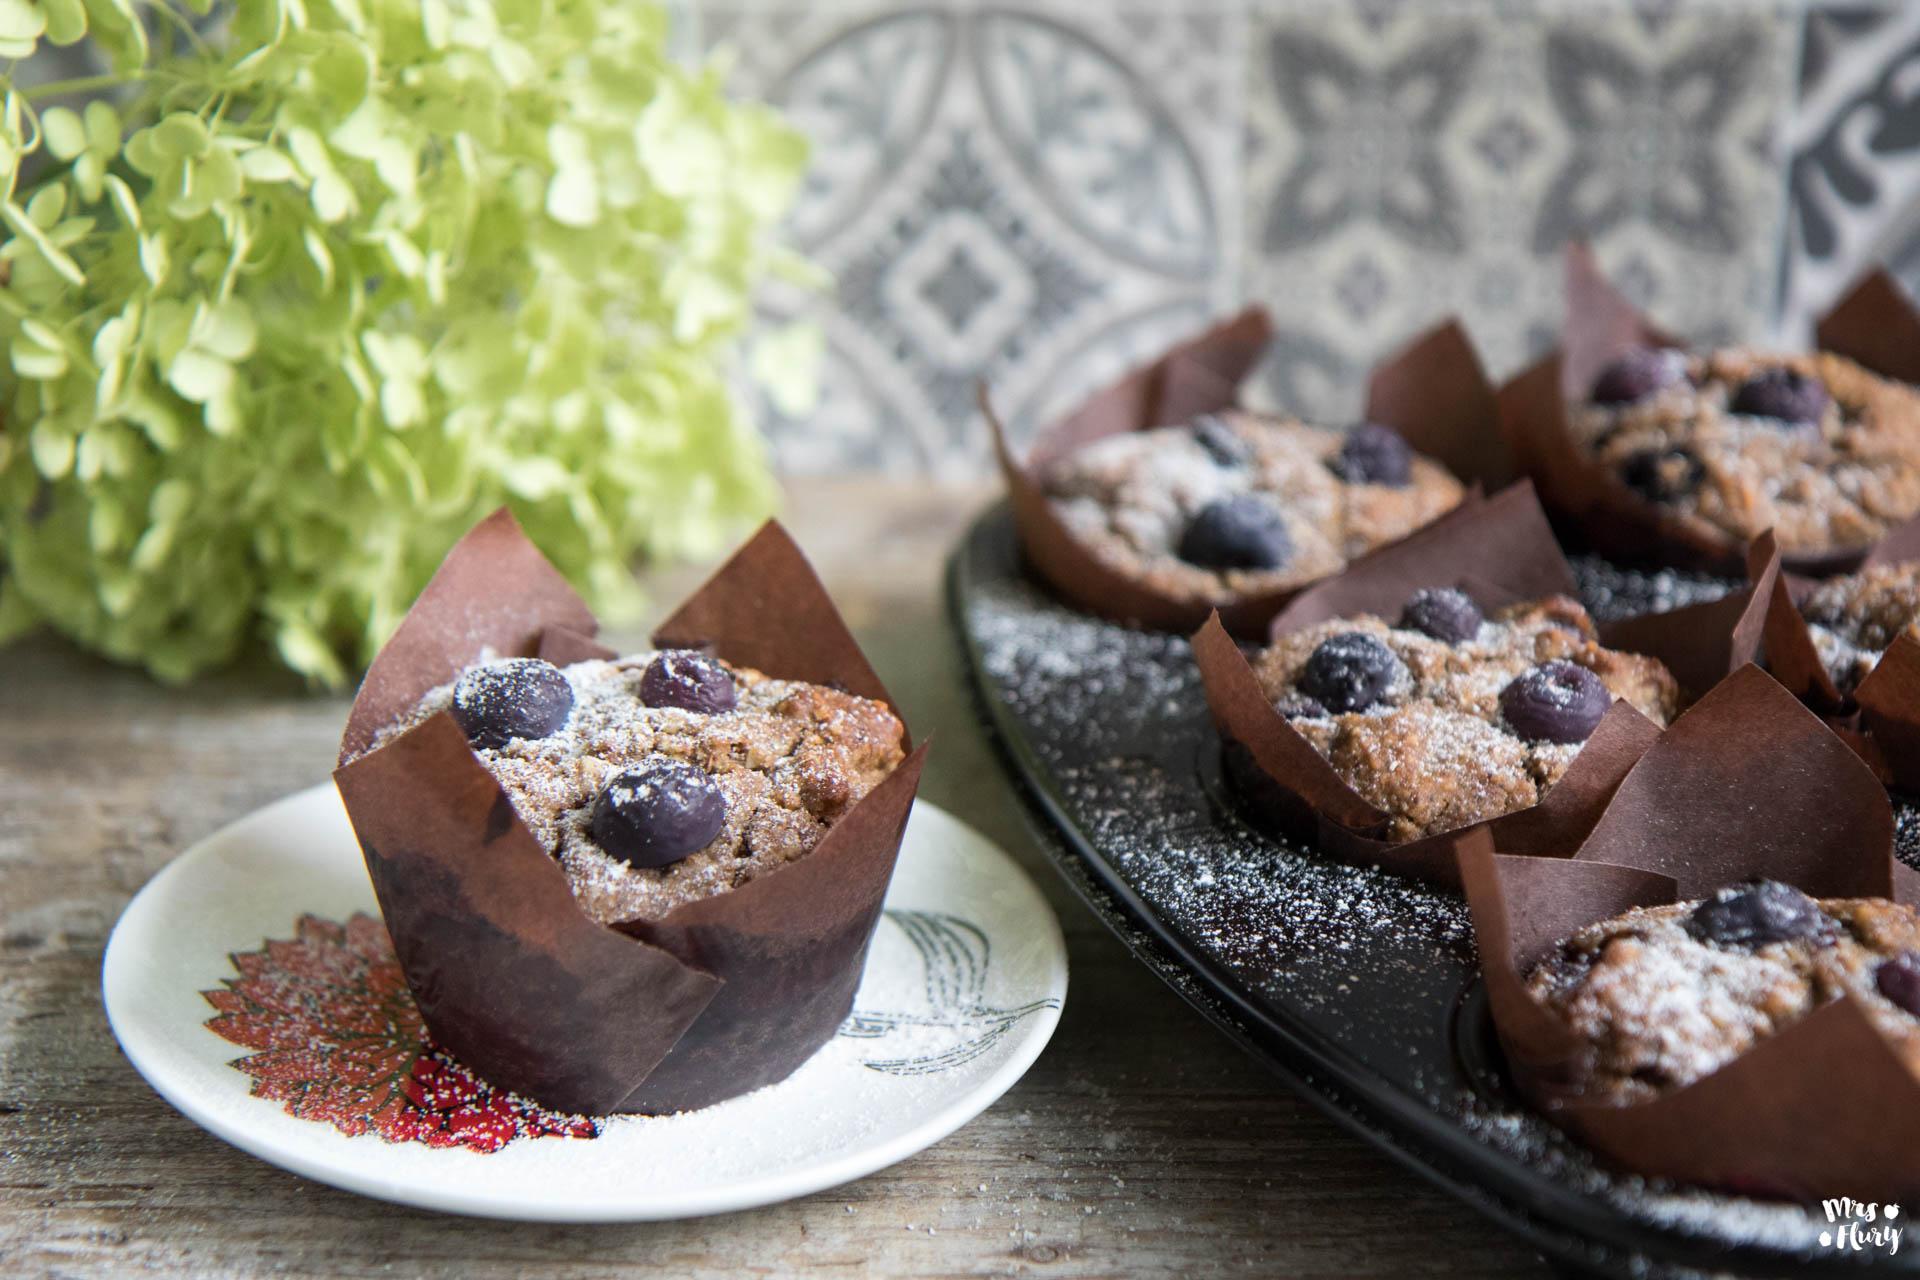 heidelbeer muffins vegan und glutenfrei mrs flury gesund essen leben. Black Bedroom Furniture Sets. Home Design Ideas